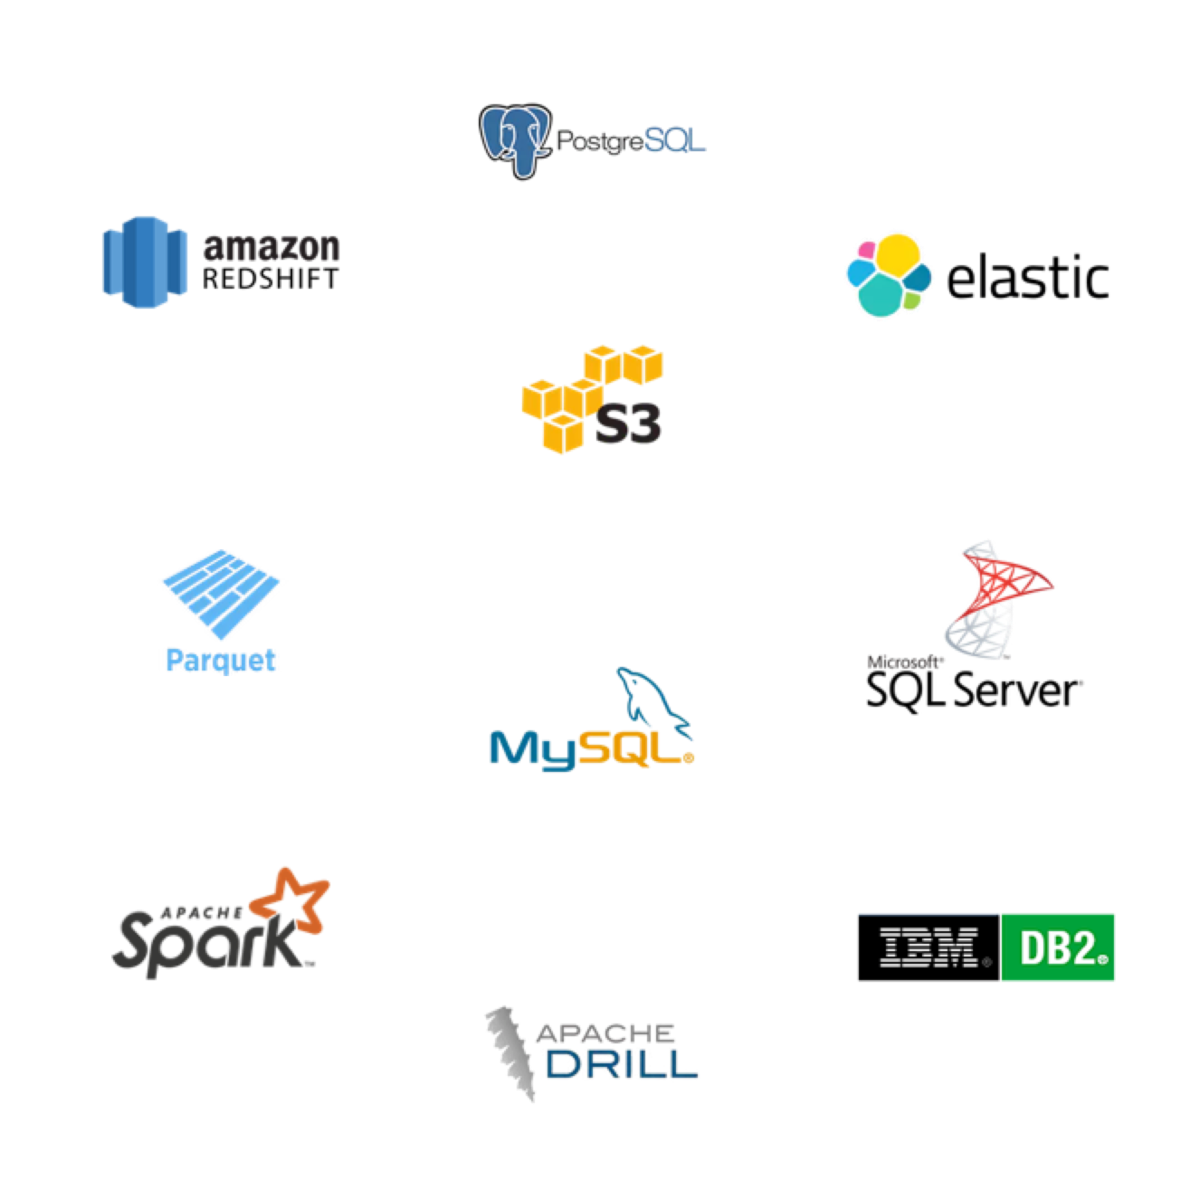 Plotly: Falcon SQL Client